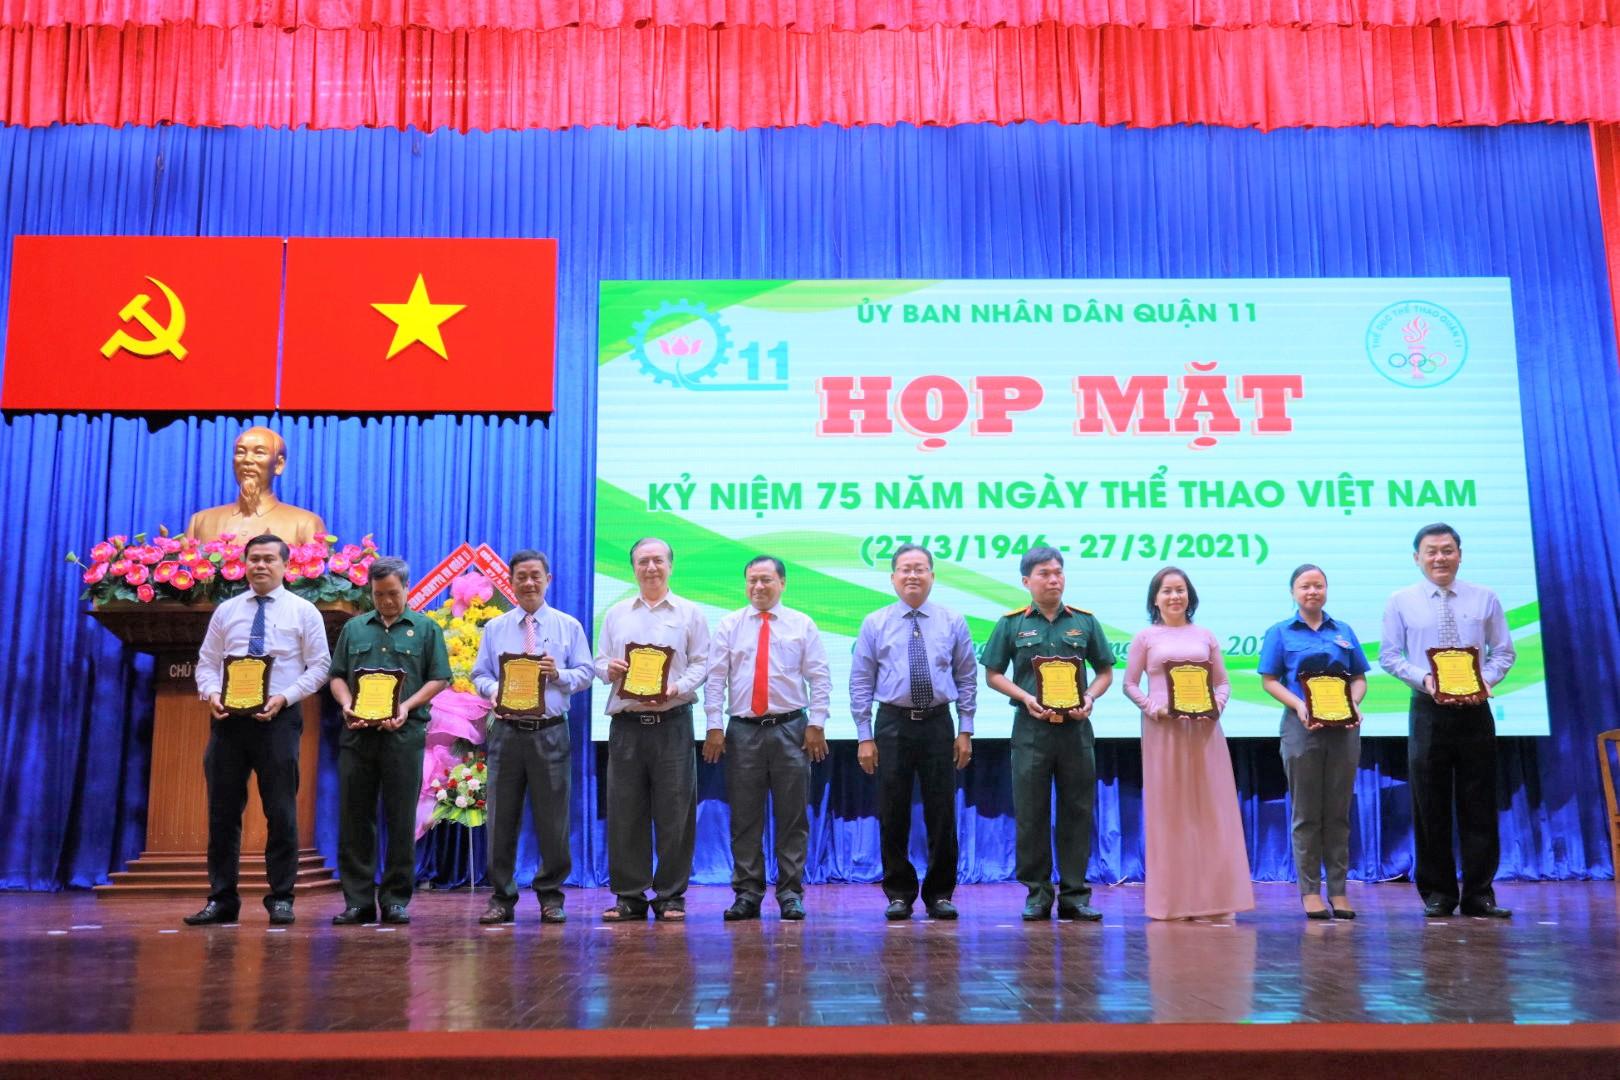 Hình ảnh: Quận 11 tổ chức họp mặt kỷ niệm 75 năm Ngày Thể thao Việt Nam số 4